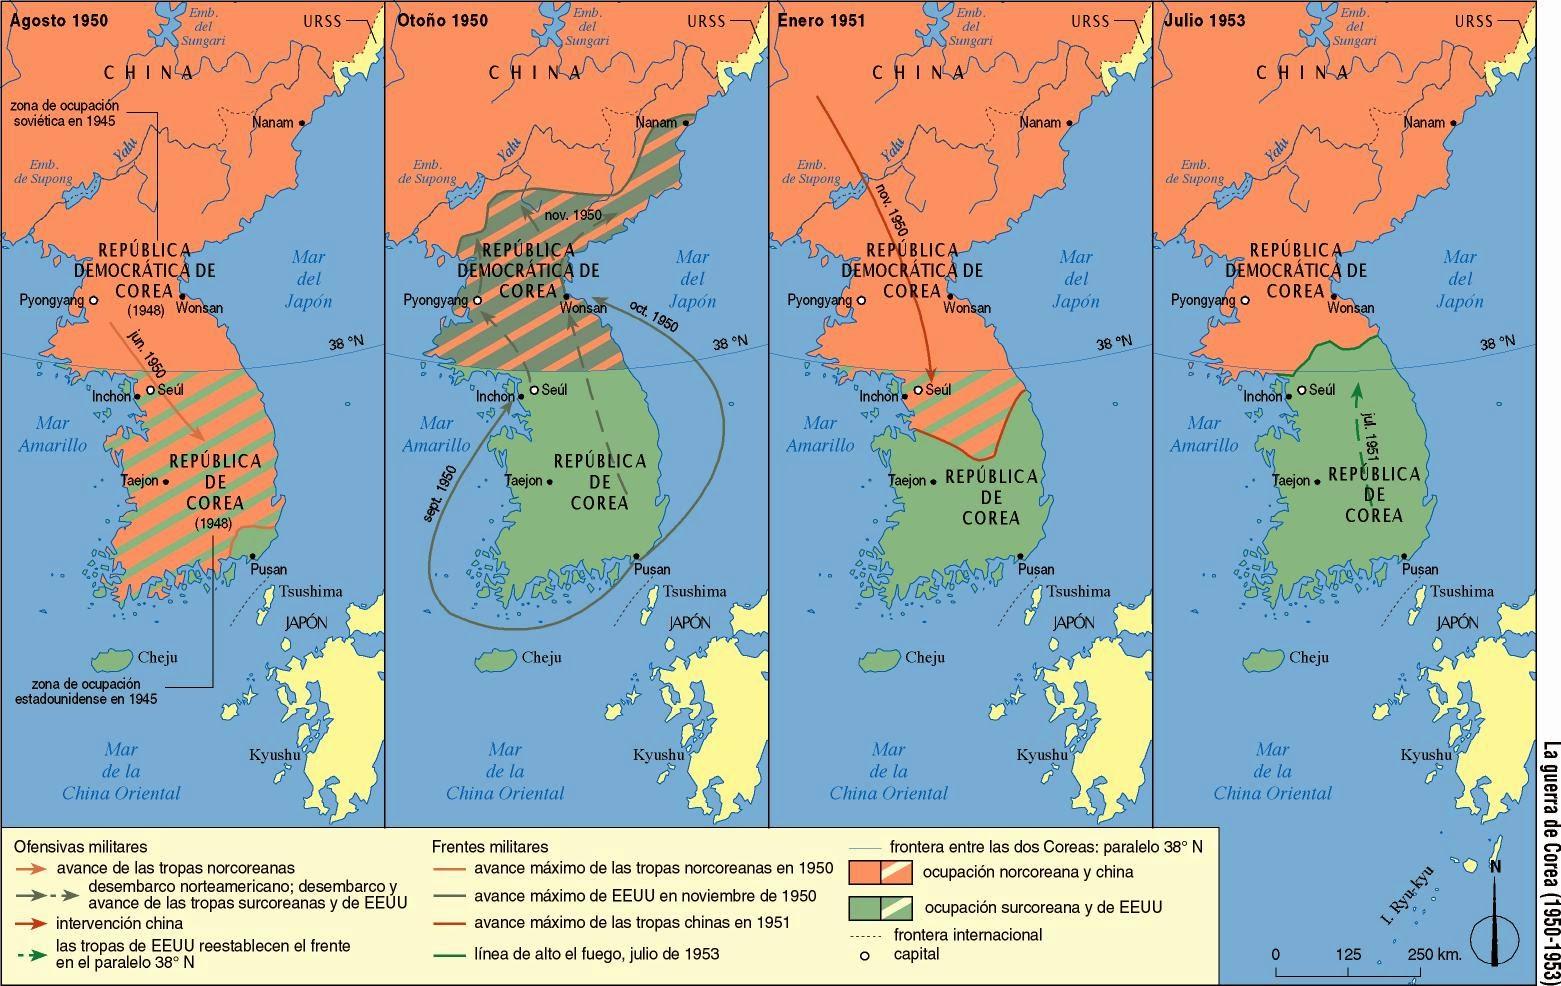 Las historias de Doncel La guerra fra El mundo dividido en